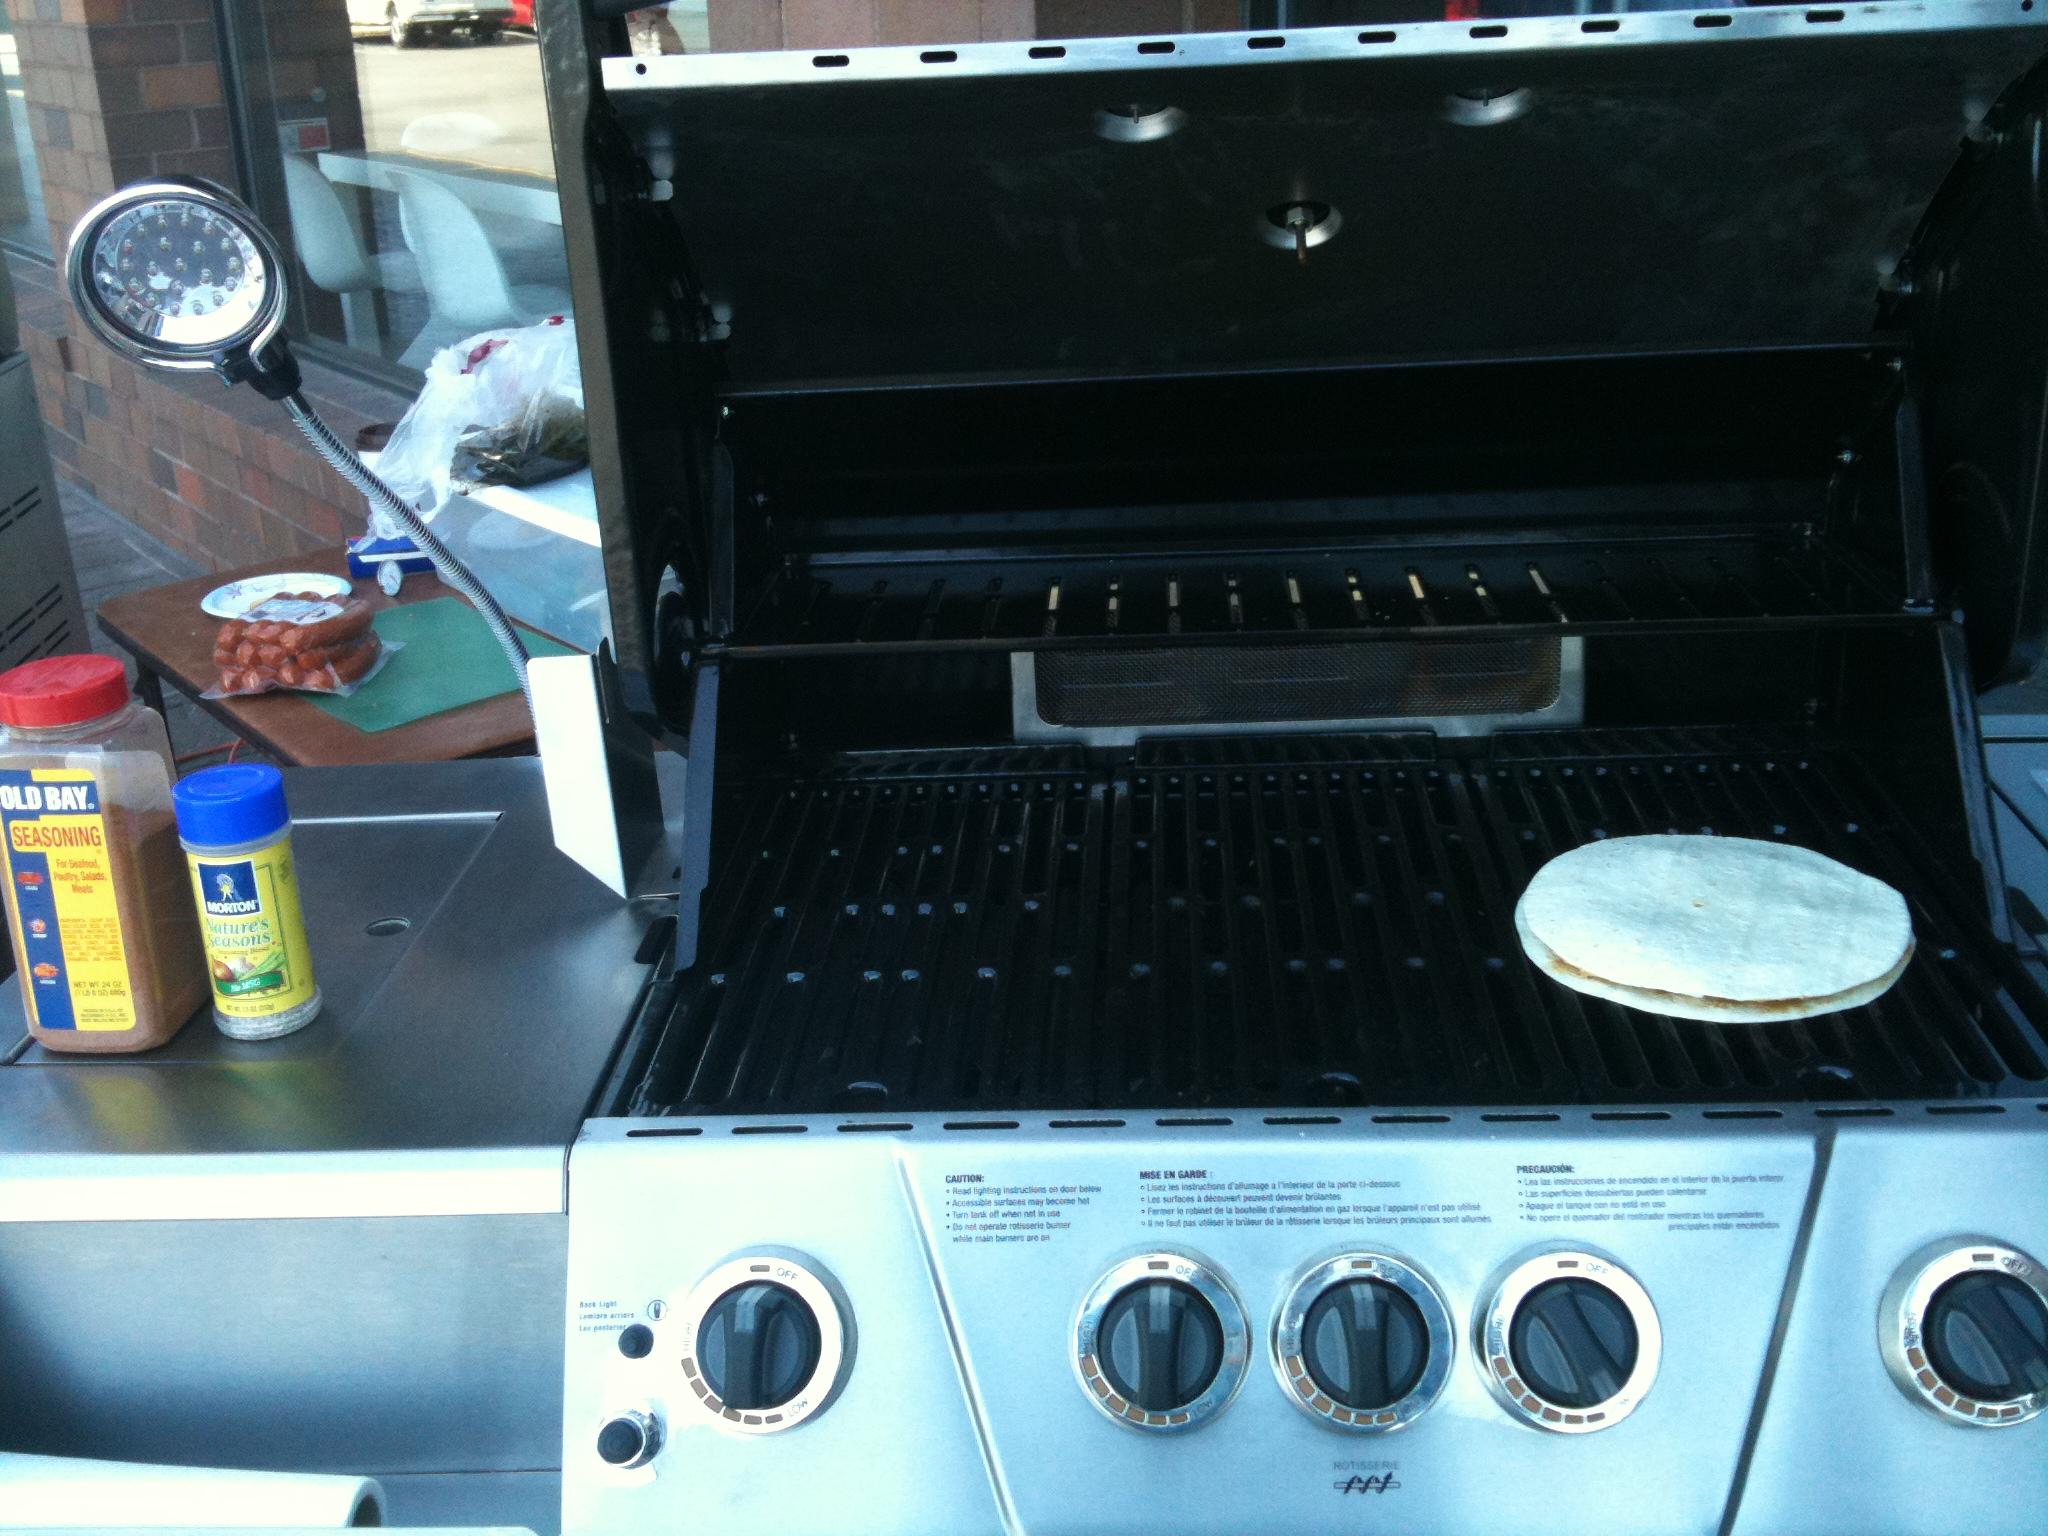 Weber grill warner stellian appliance for Warners stellian